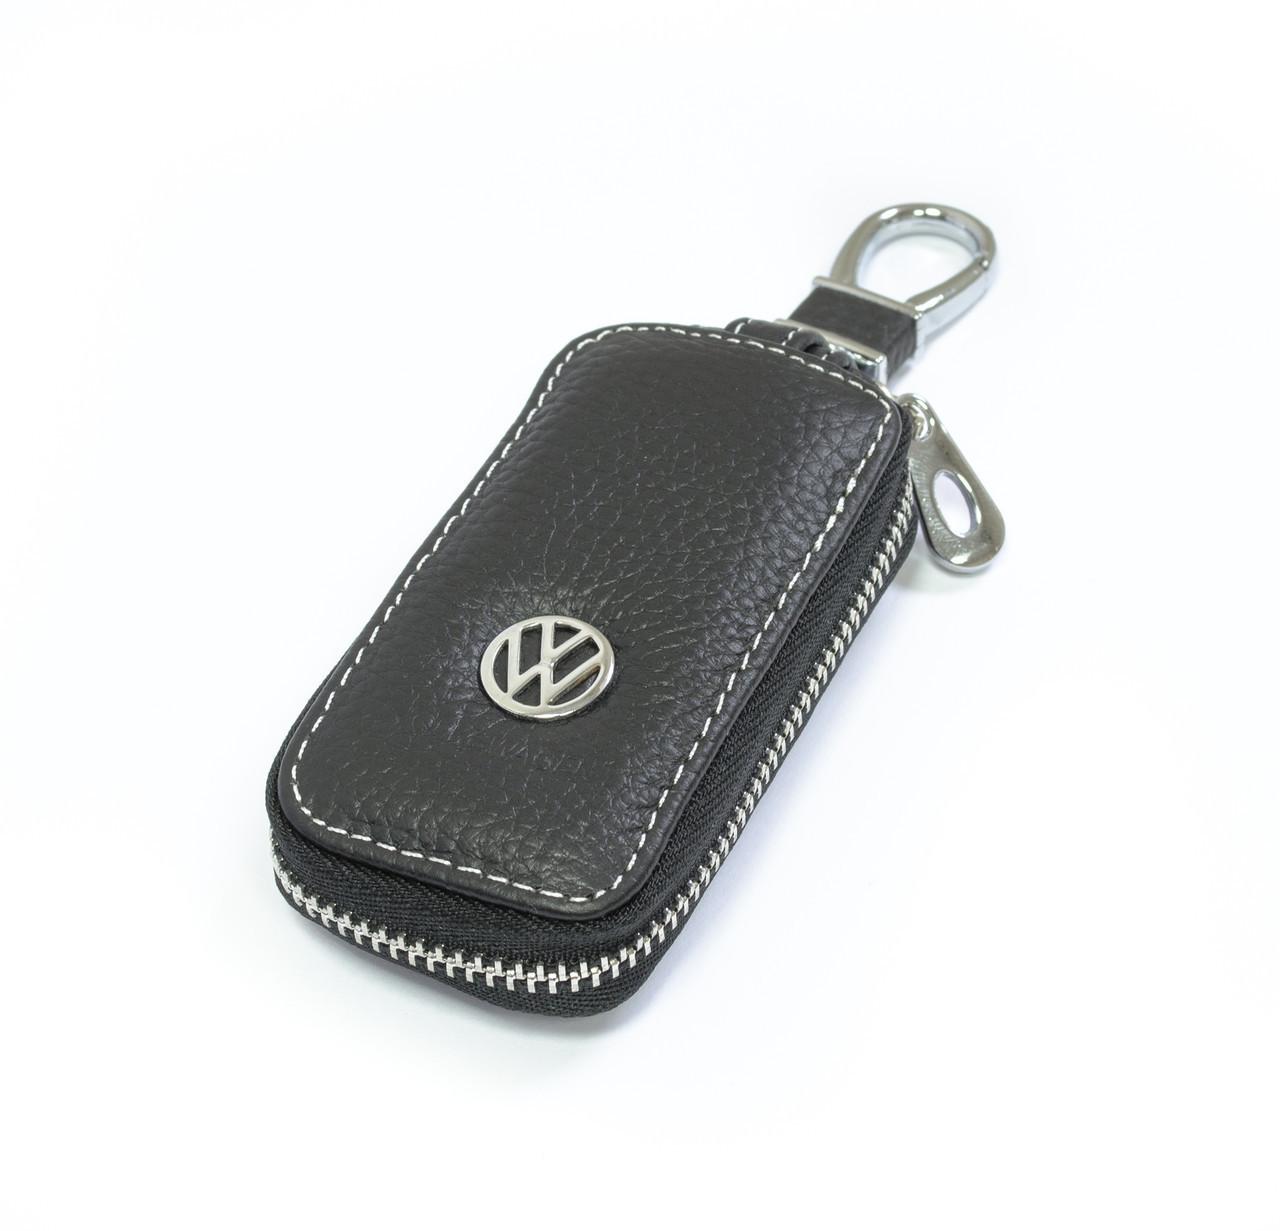 Ключница Carss с логотипом VOLKSWAGEN 04010 черная